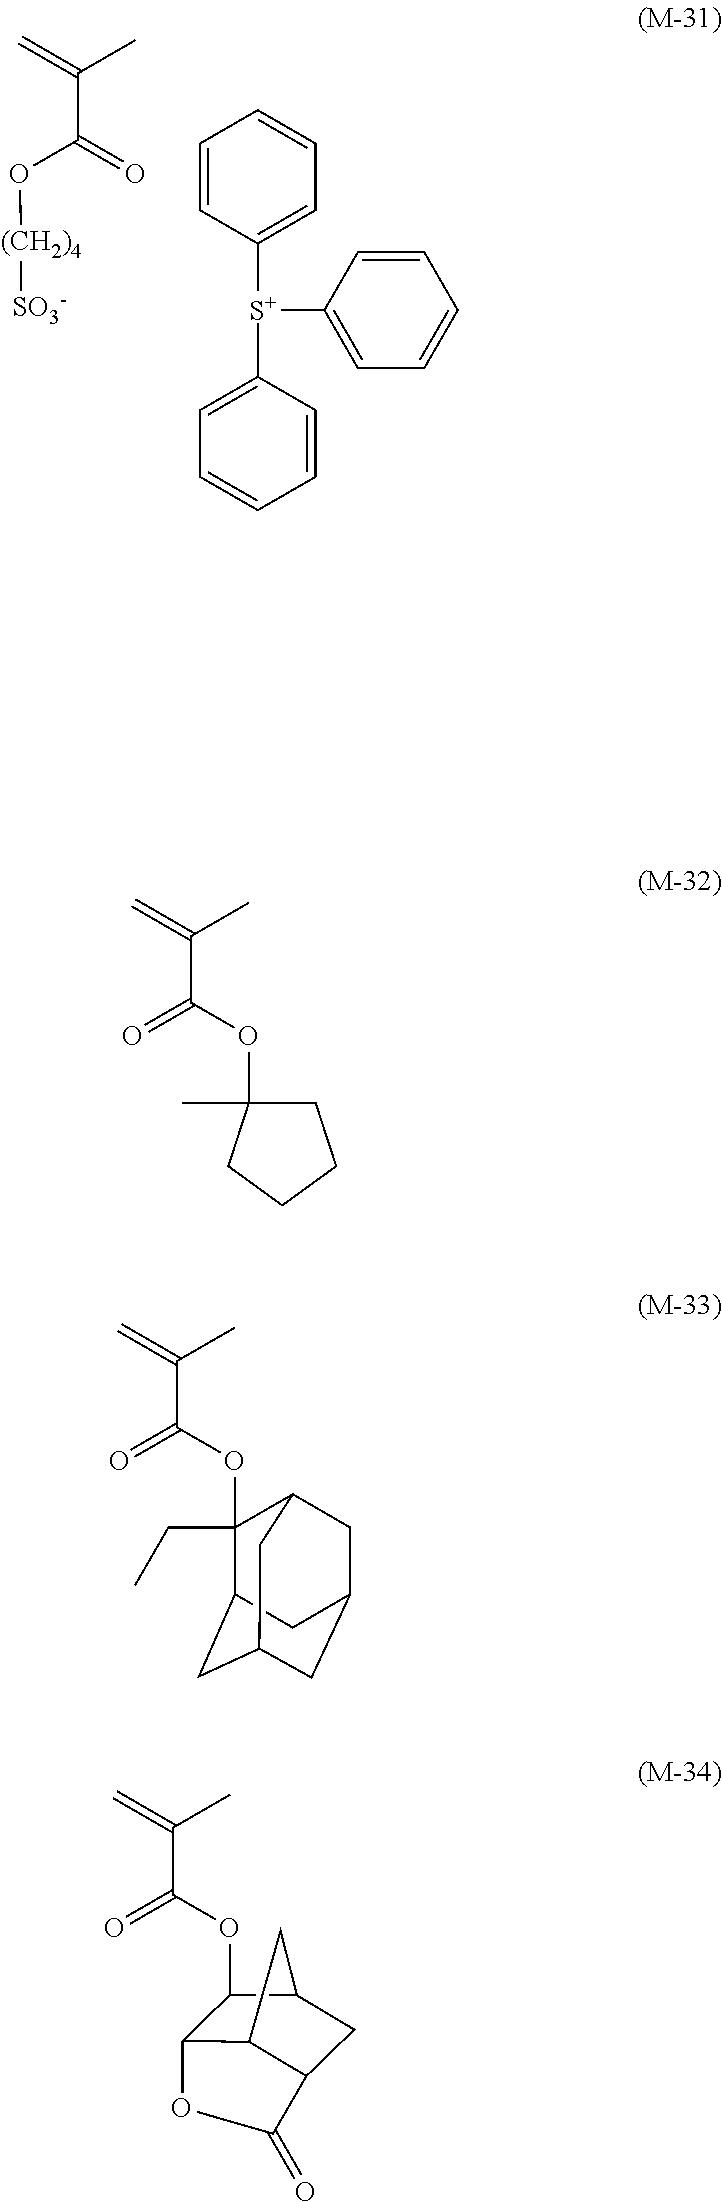 Figure US08507575-20130813-C00047